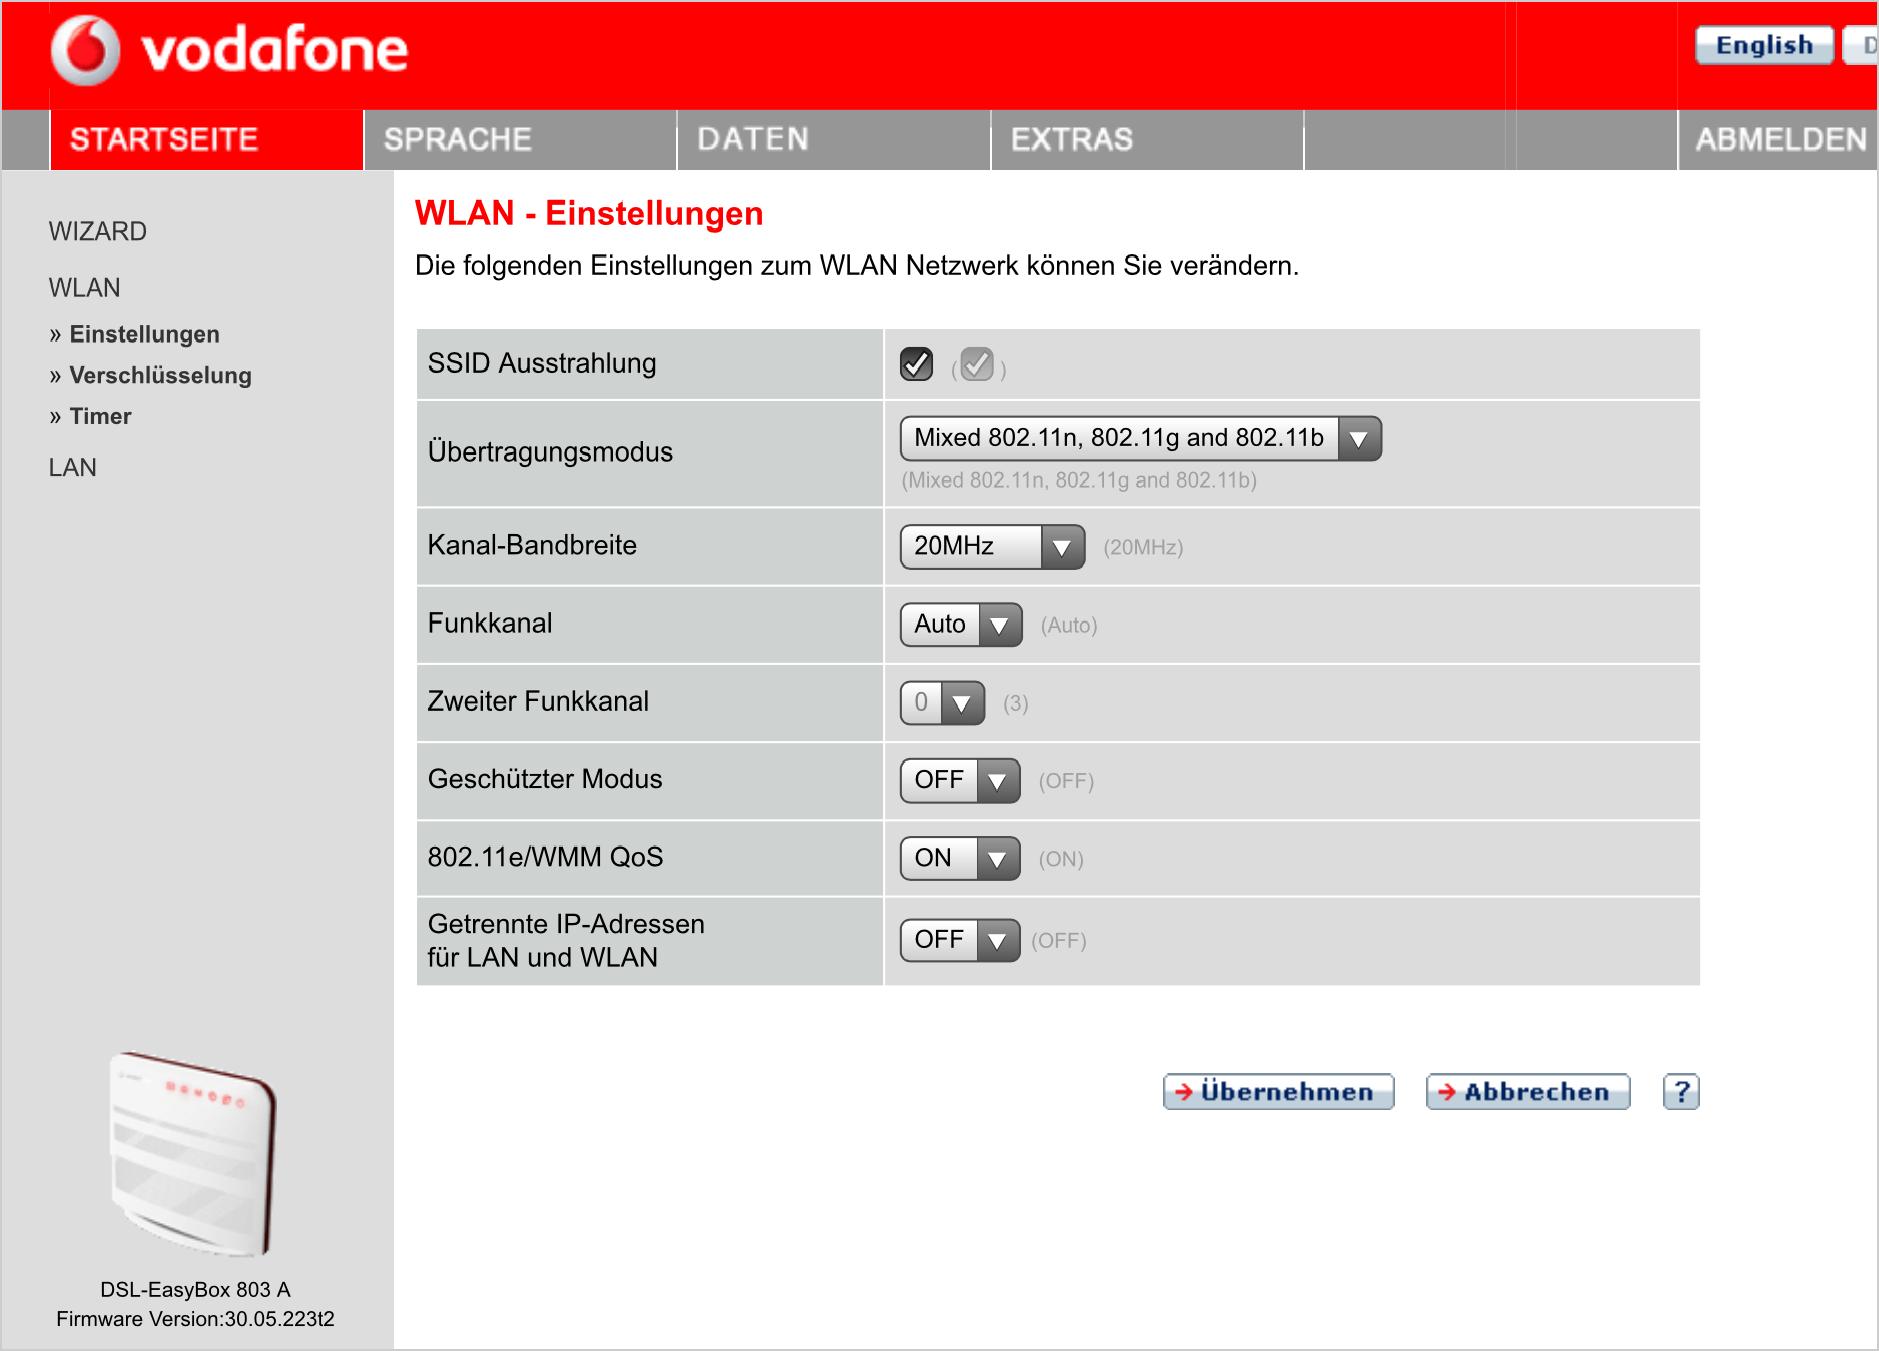 vodafone easybox 804 dsl vdsl wlan router phpbb. Black Bedroom Furniture Sets. Home Design Ideas